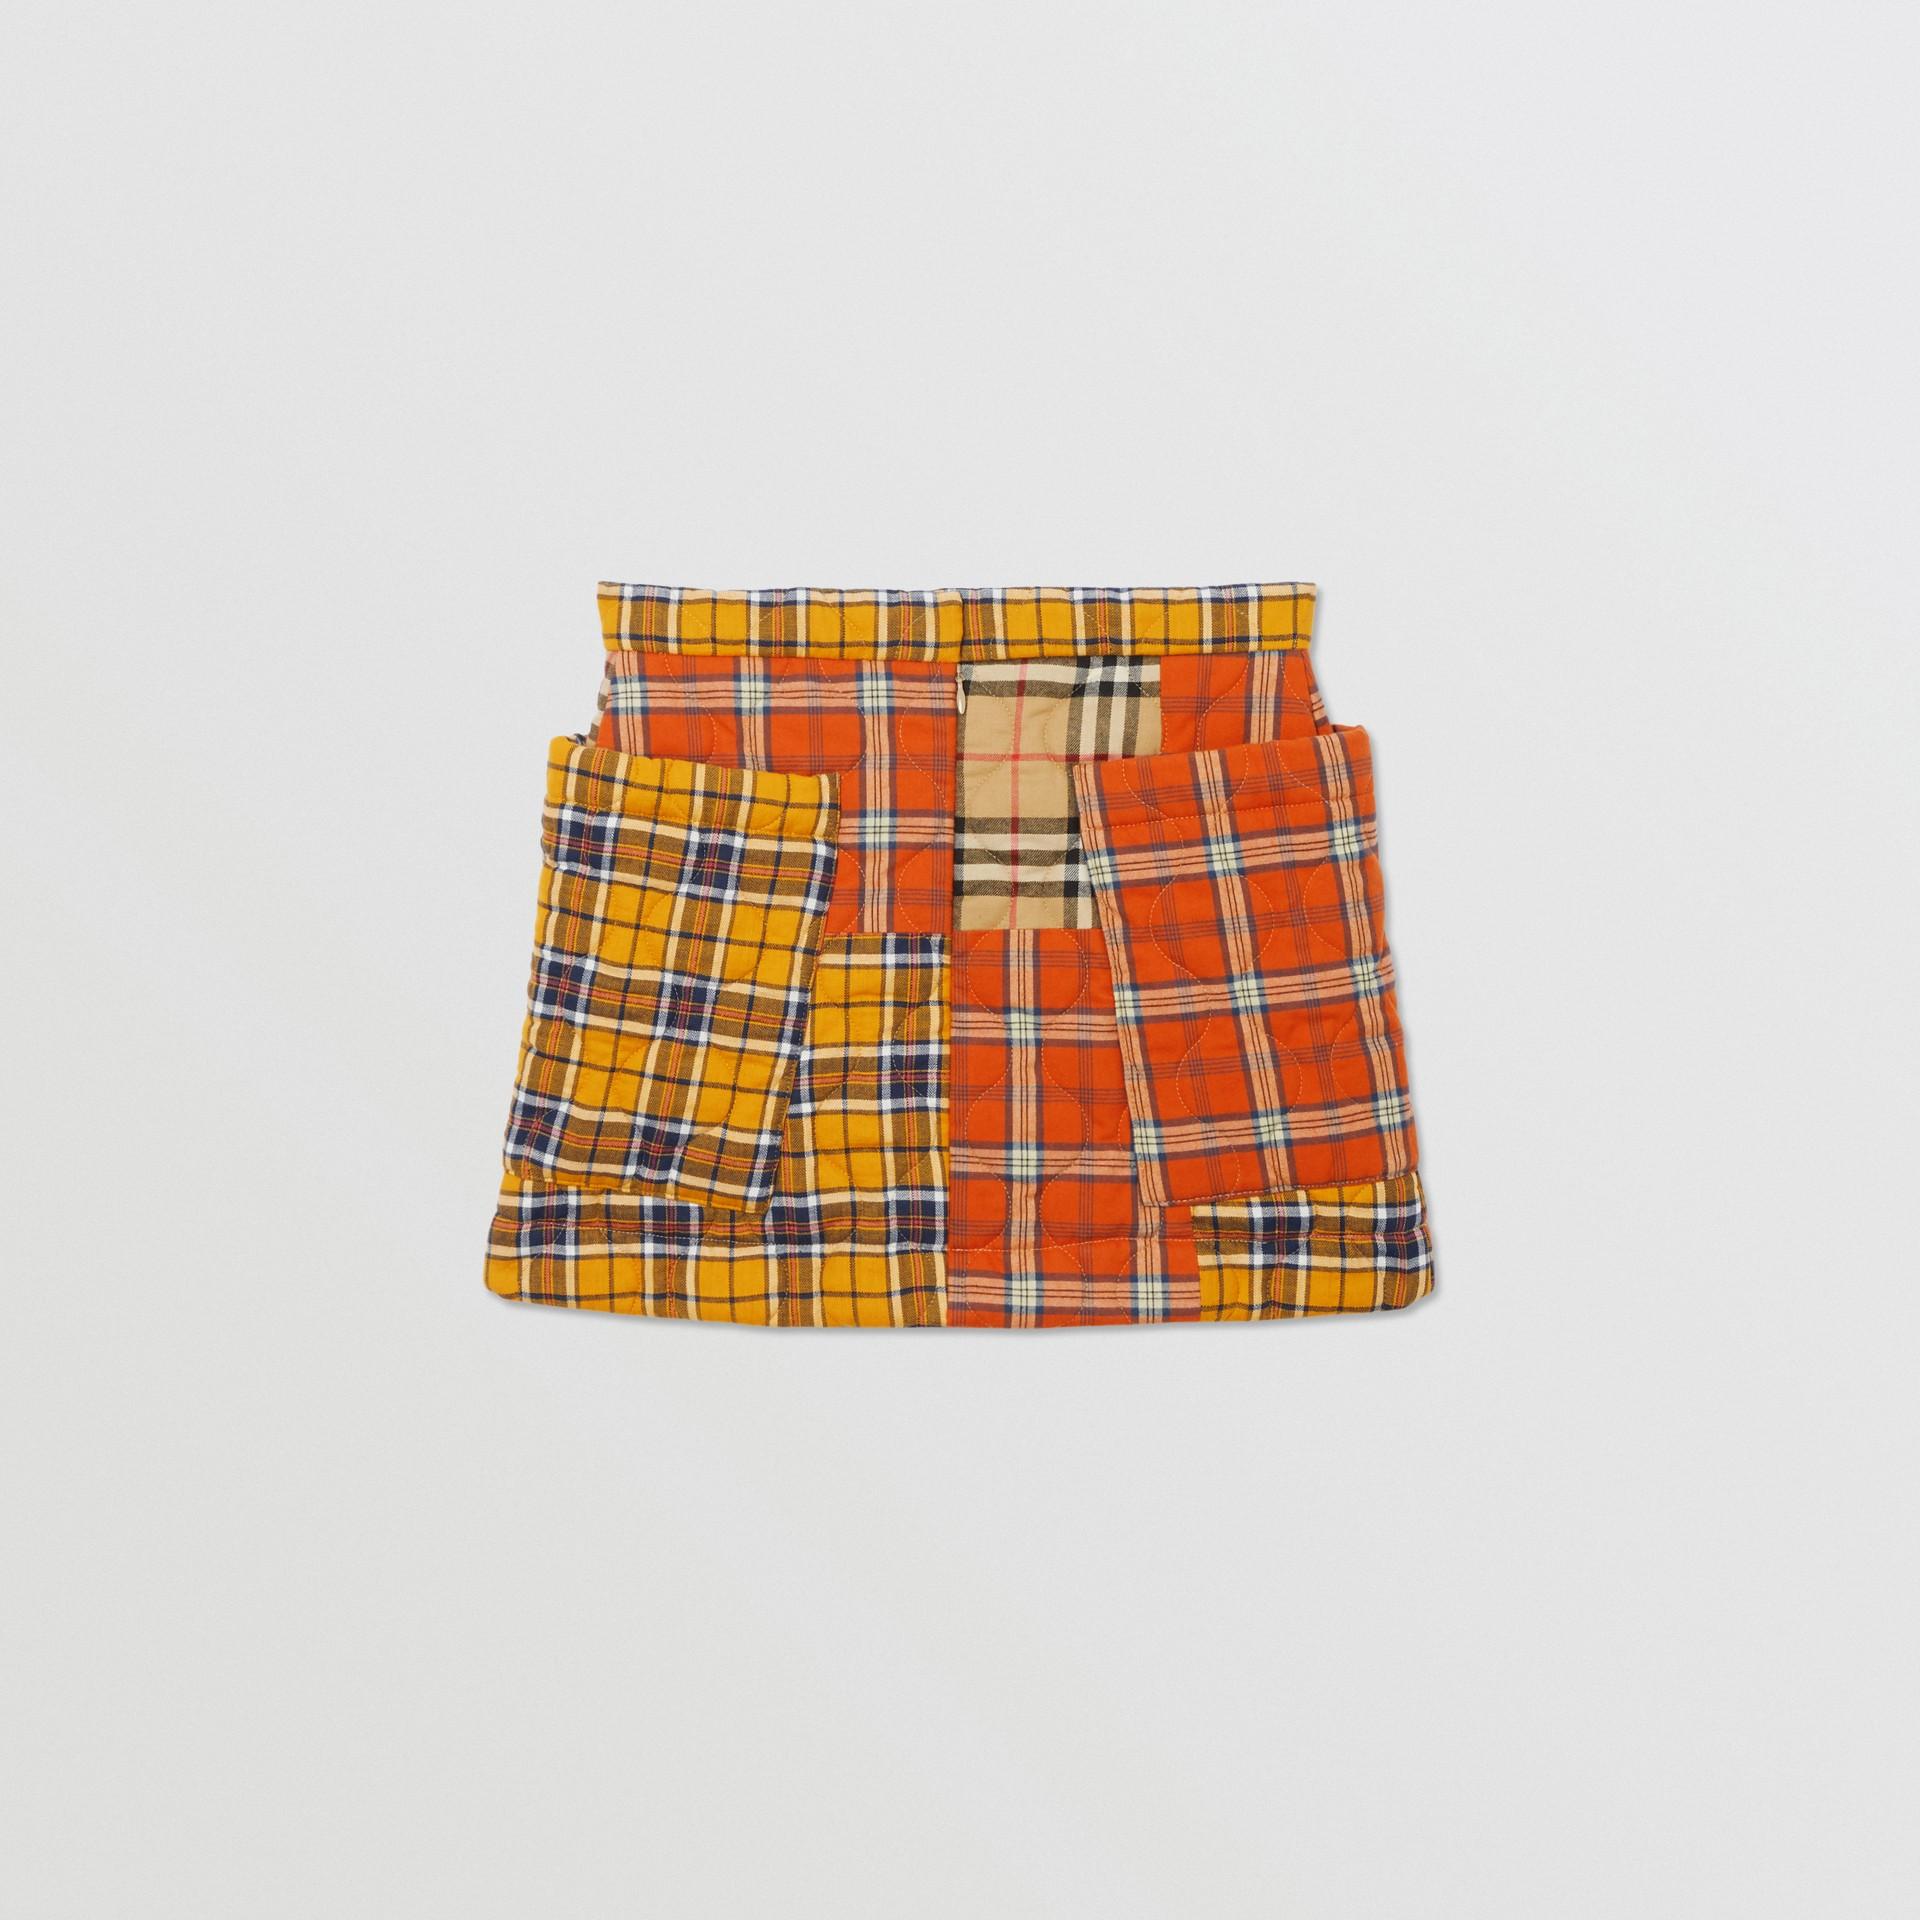 Jupe en flanelle de coton check (Jaune Suroît) | Burberry - photo de la galerie 3